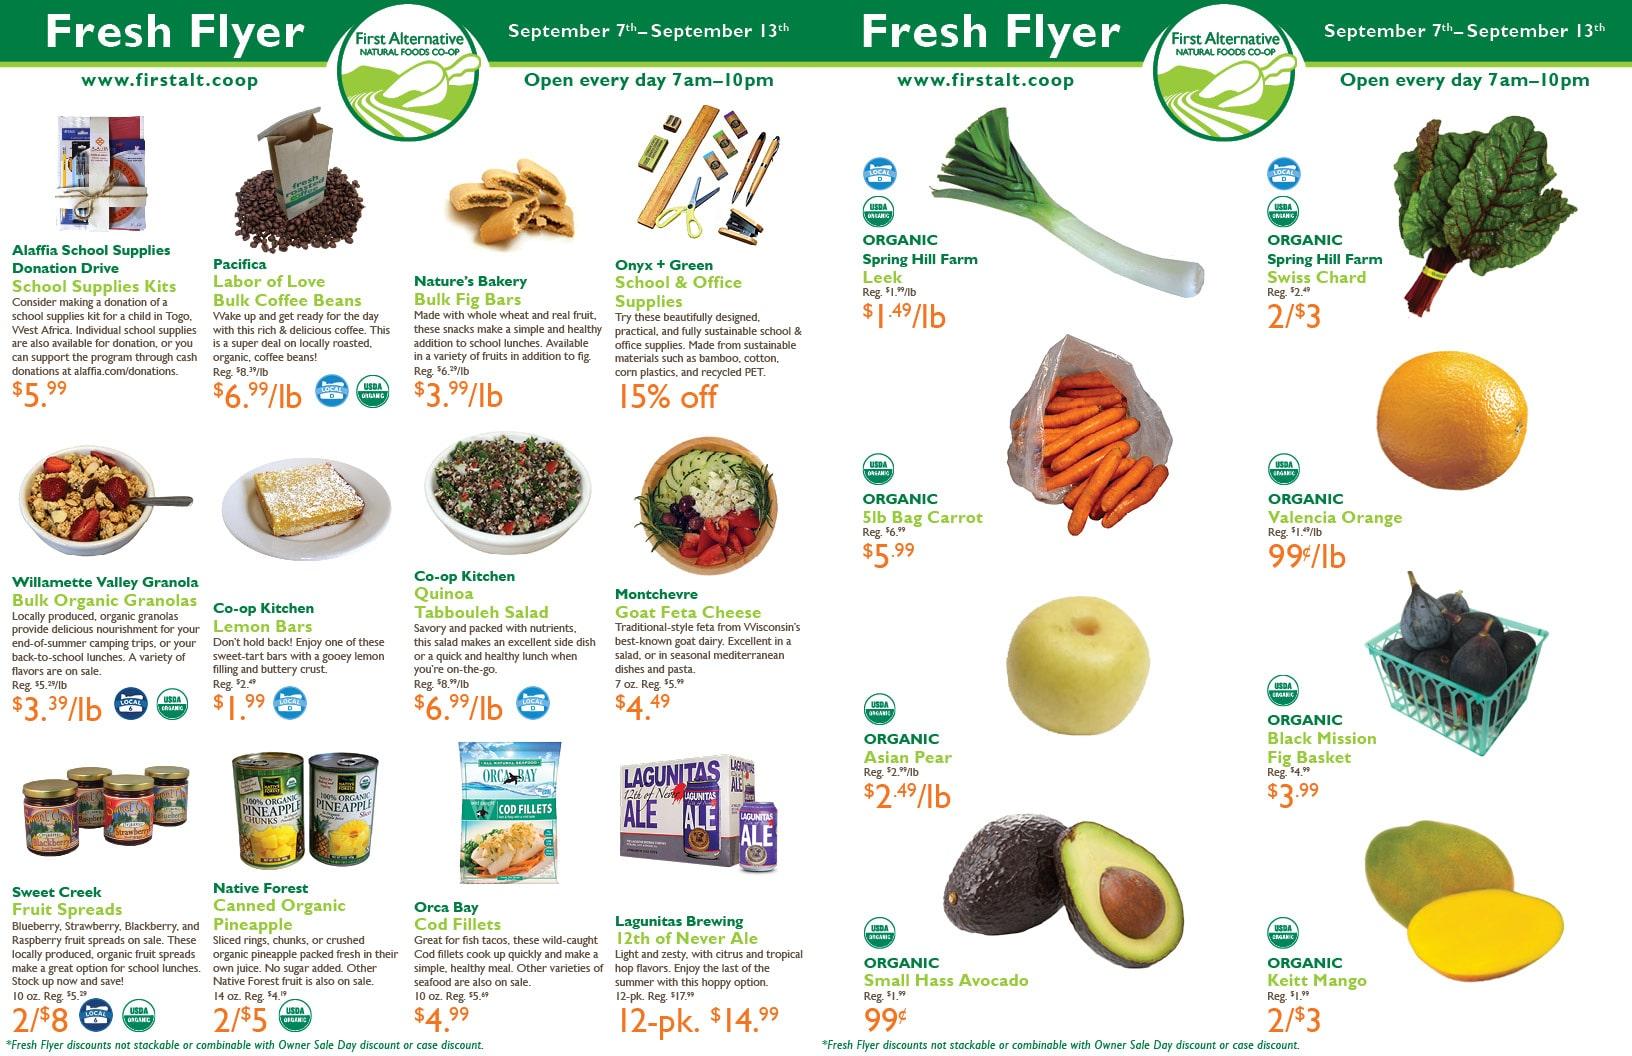 First Alternative Co-op Fresh Flyer September 7-13